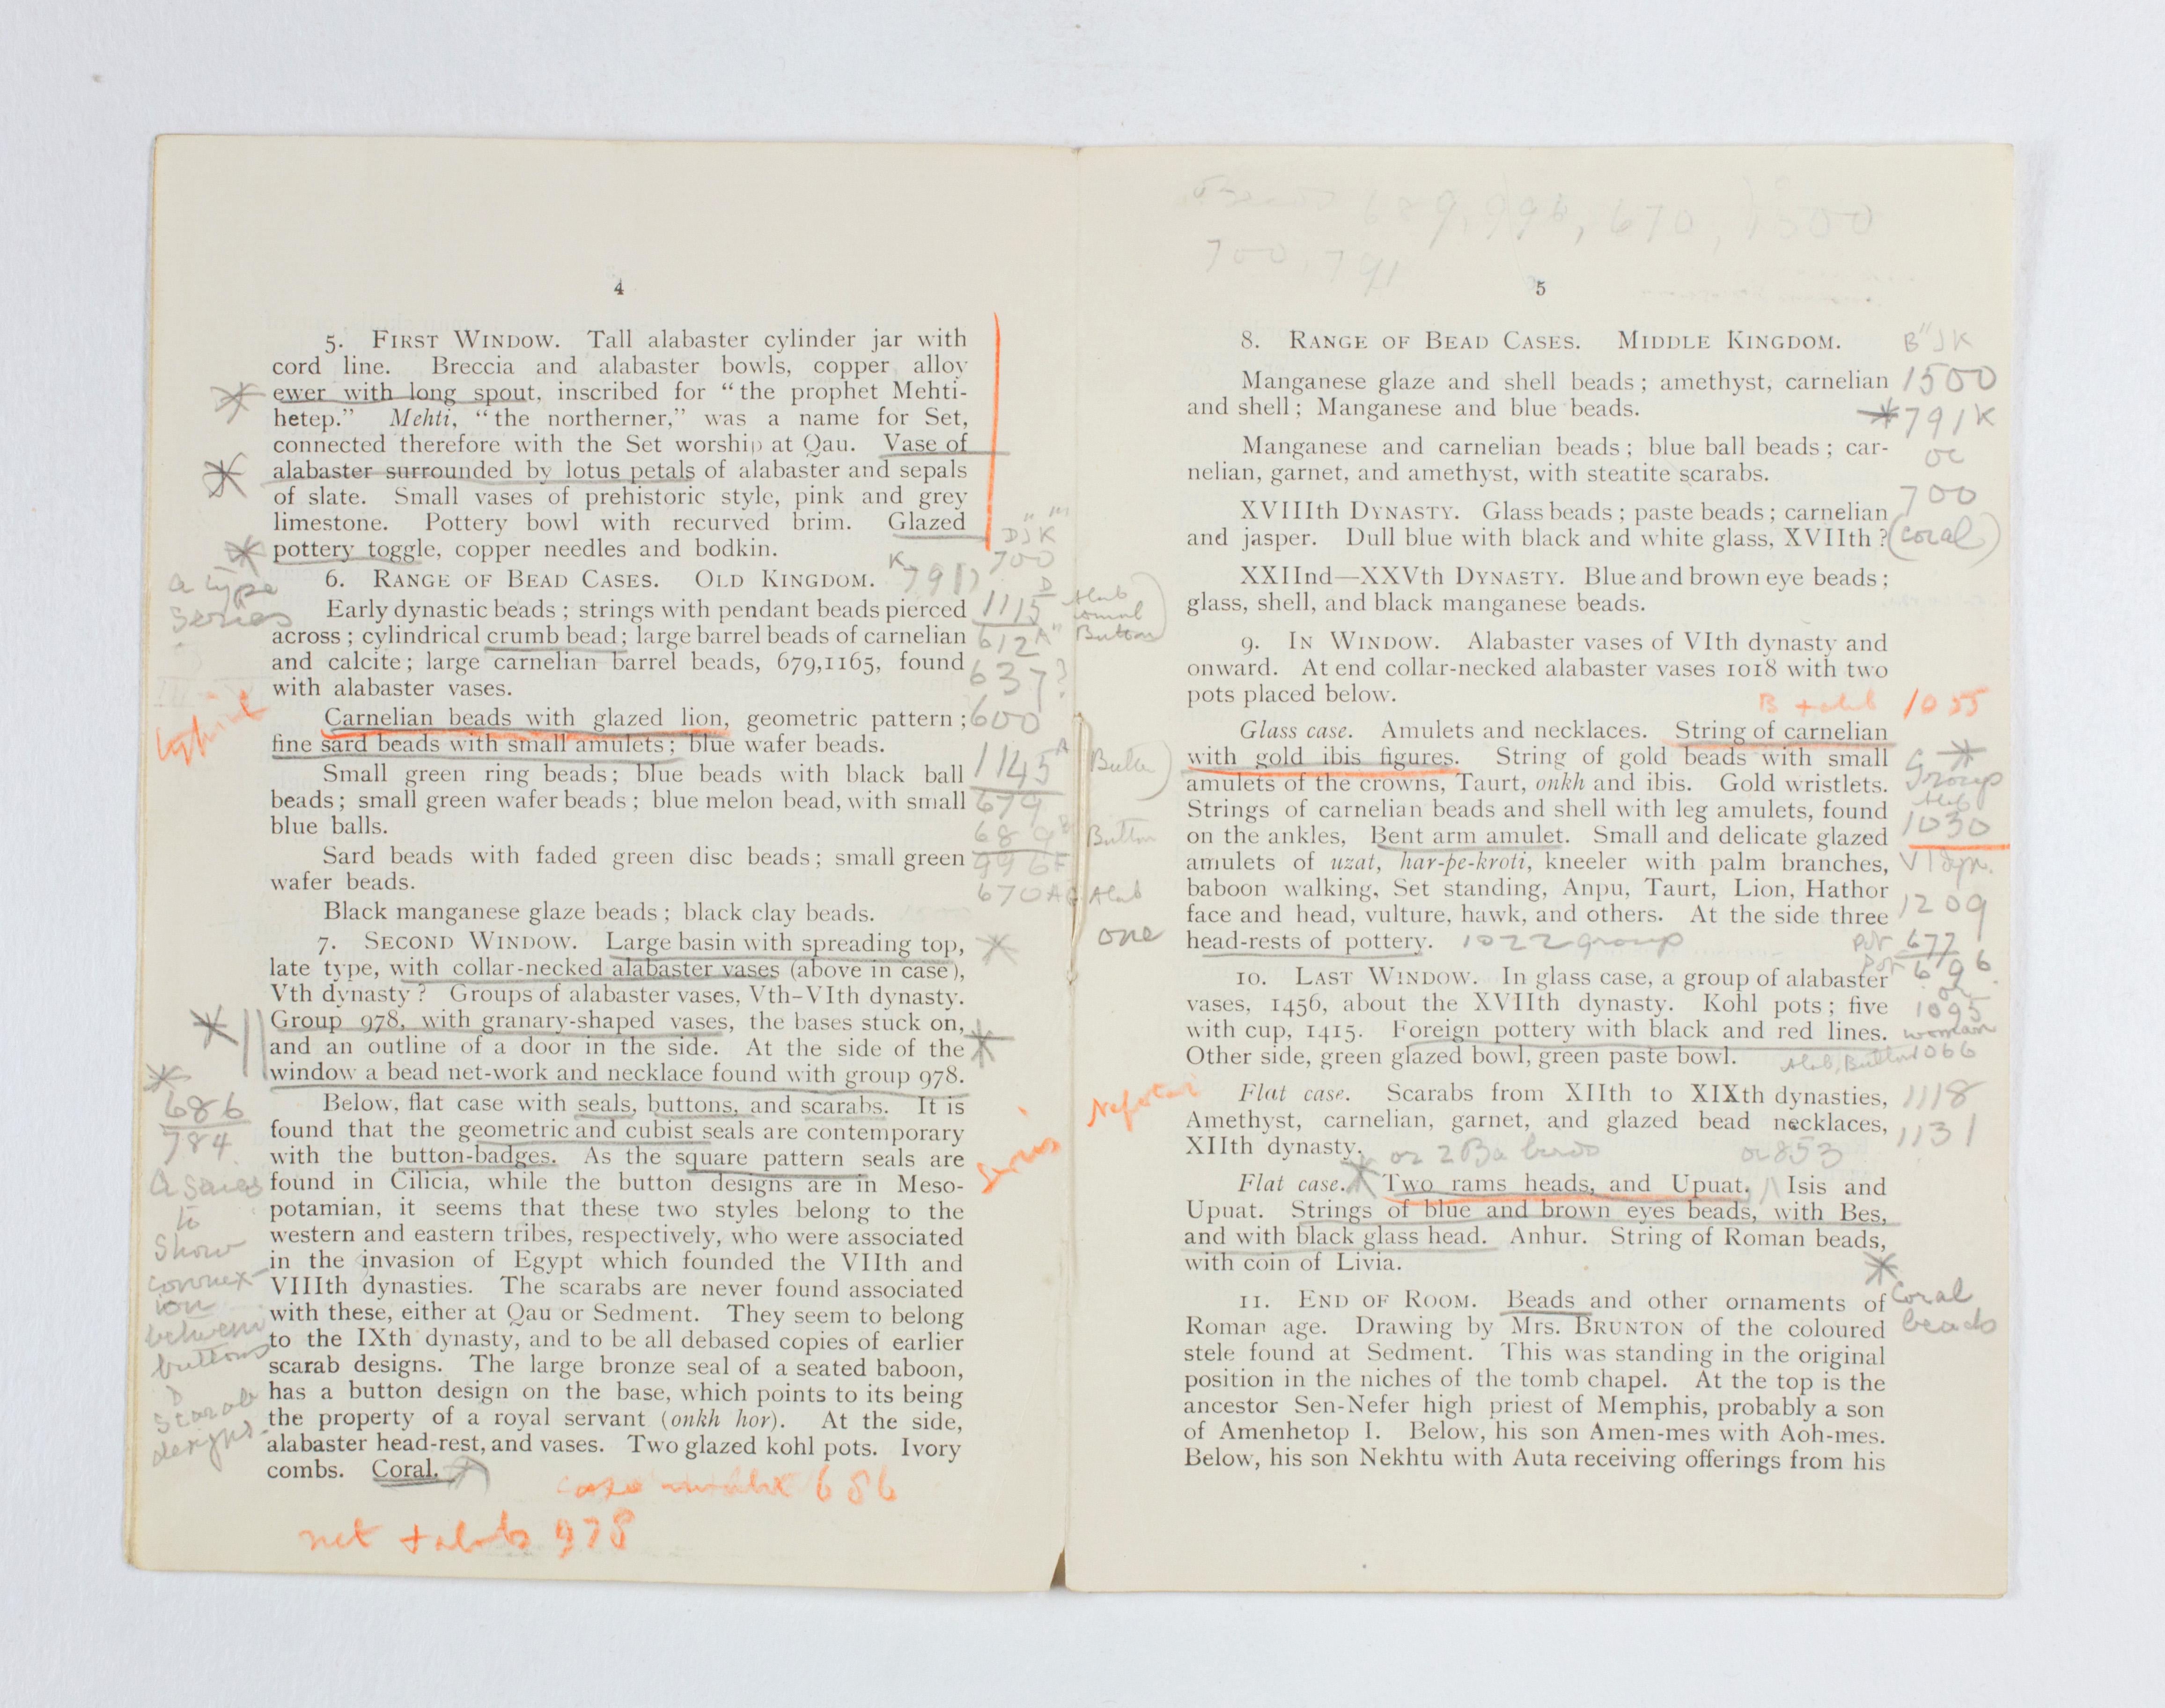 1922-23 Qau el-Kebir Exhibition catalogue PMA/WFP1/D/26/31.6